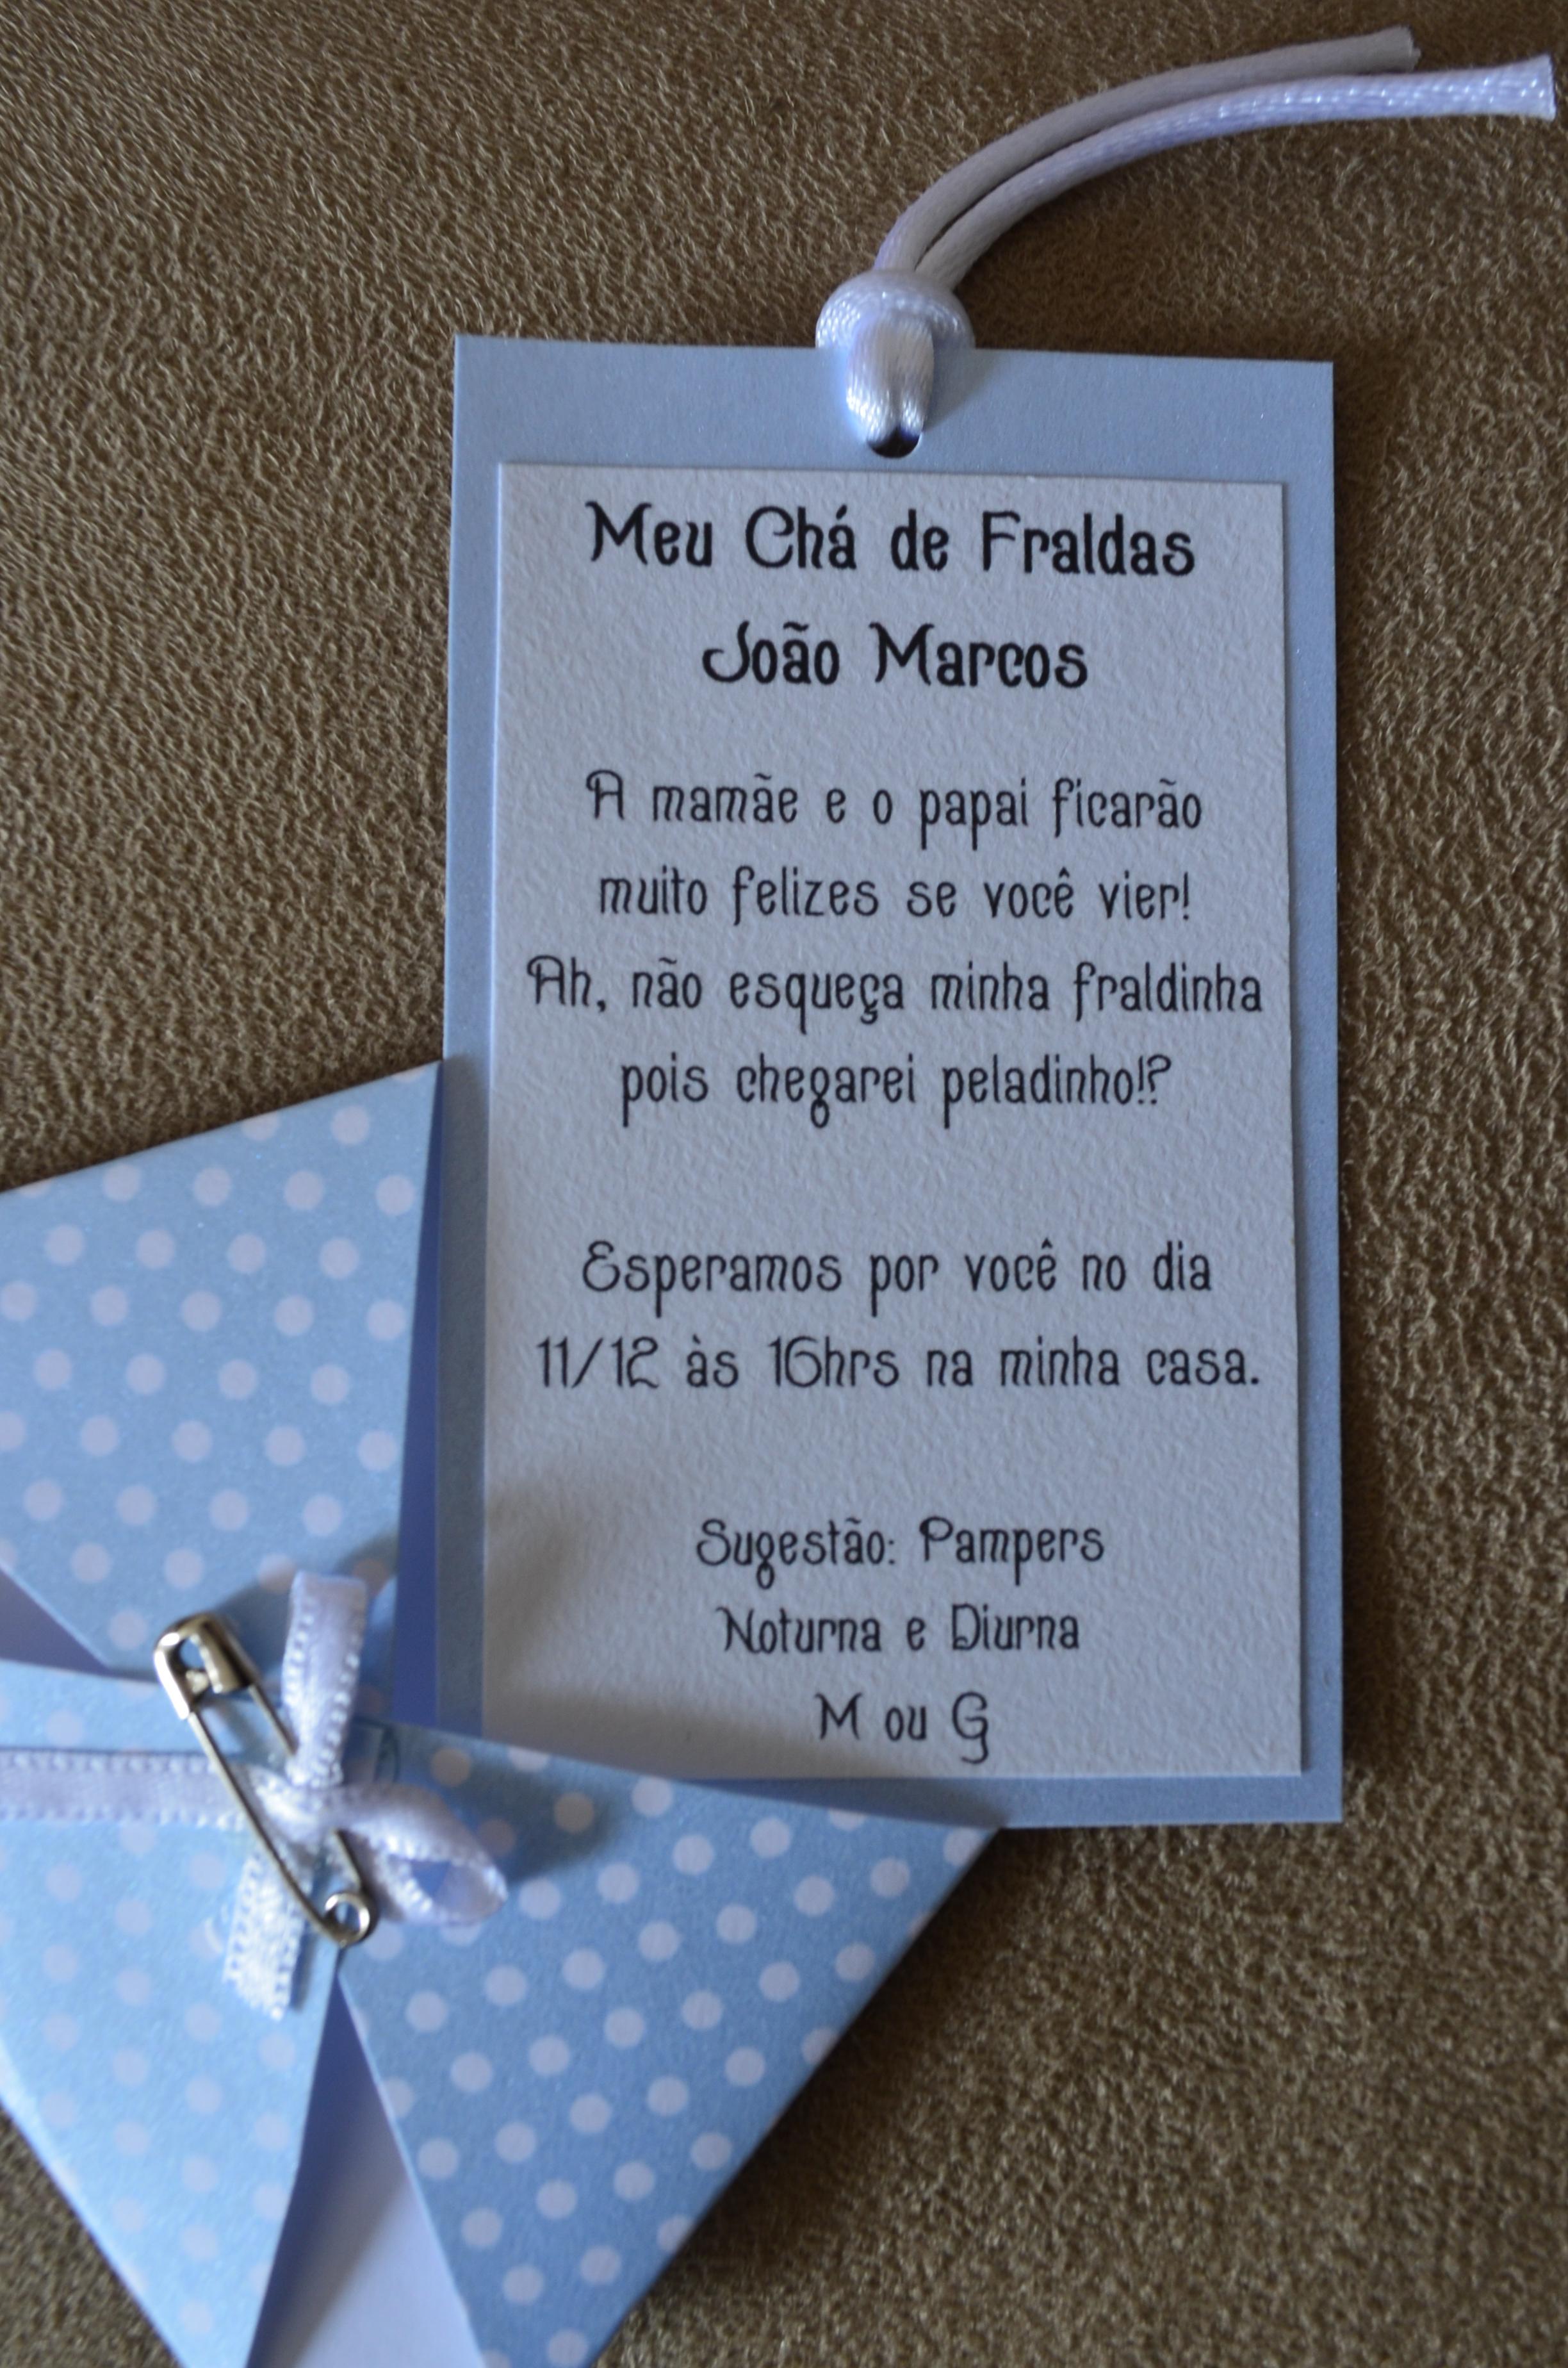 Muito Convite, Lembrança e Etiquetas de Chá de Fraldas | Talita Regina TR16